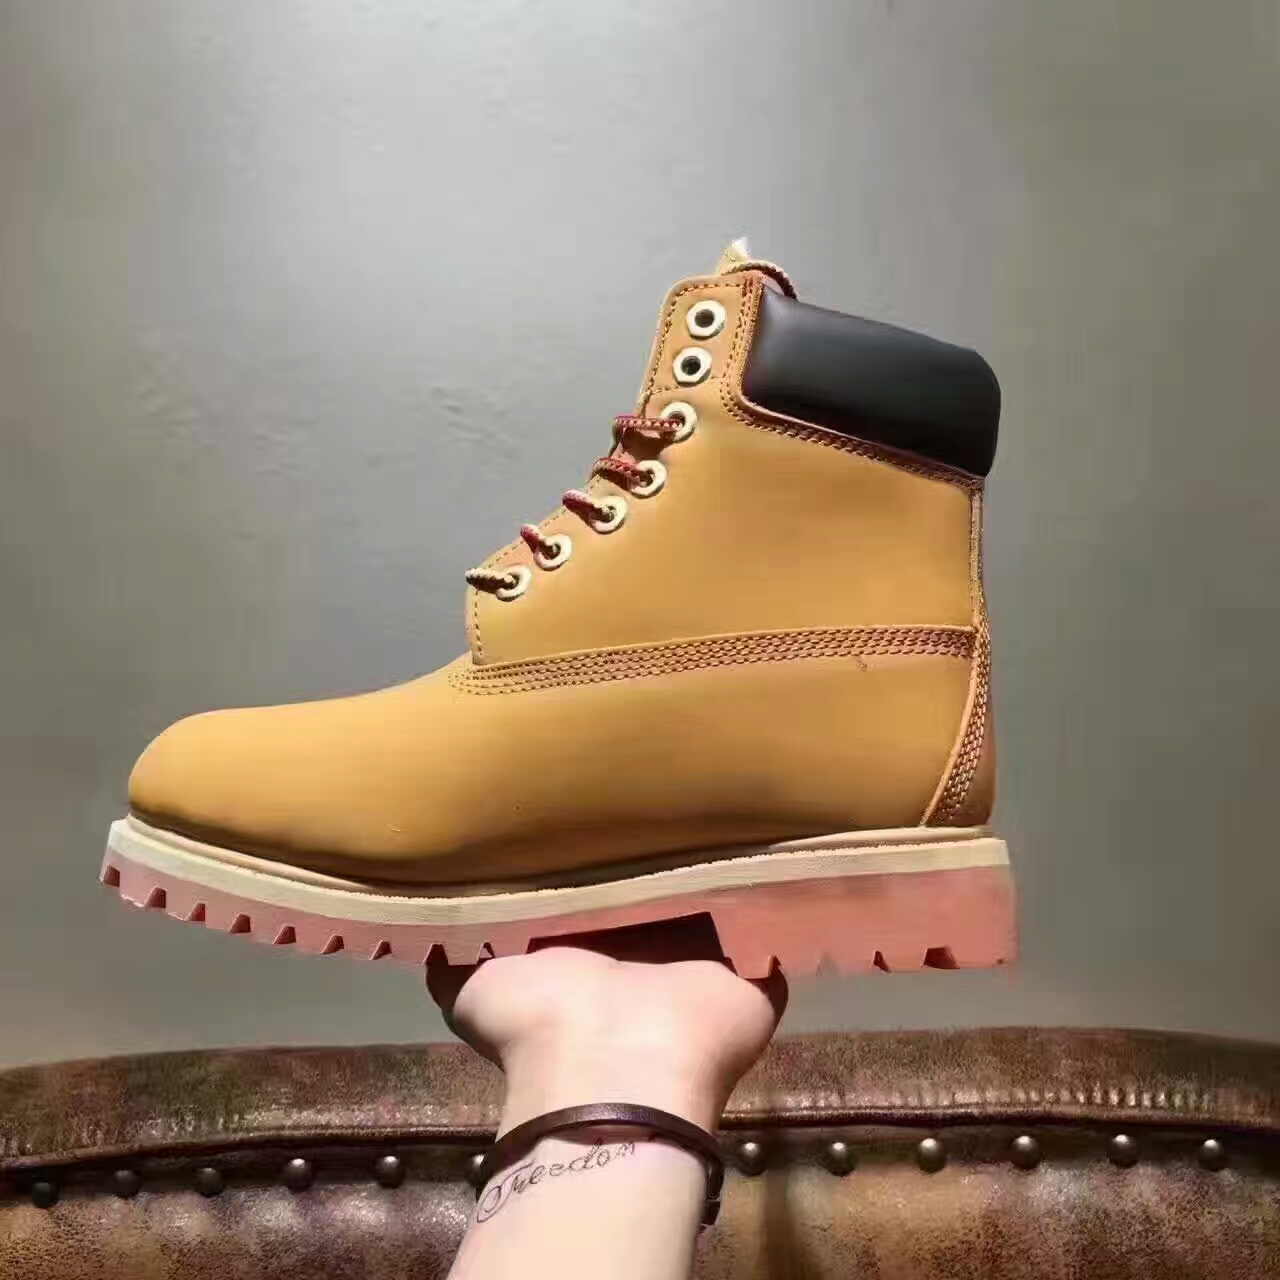 Осень и зима день на открытом воздухе обувь casual ботинок 10061 удар неплохо ревень ботинок высокий натуральная кожа восхождение обувной европа и америка филиал отношения